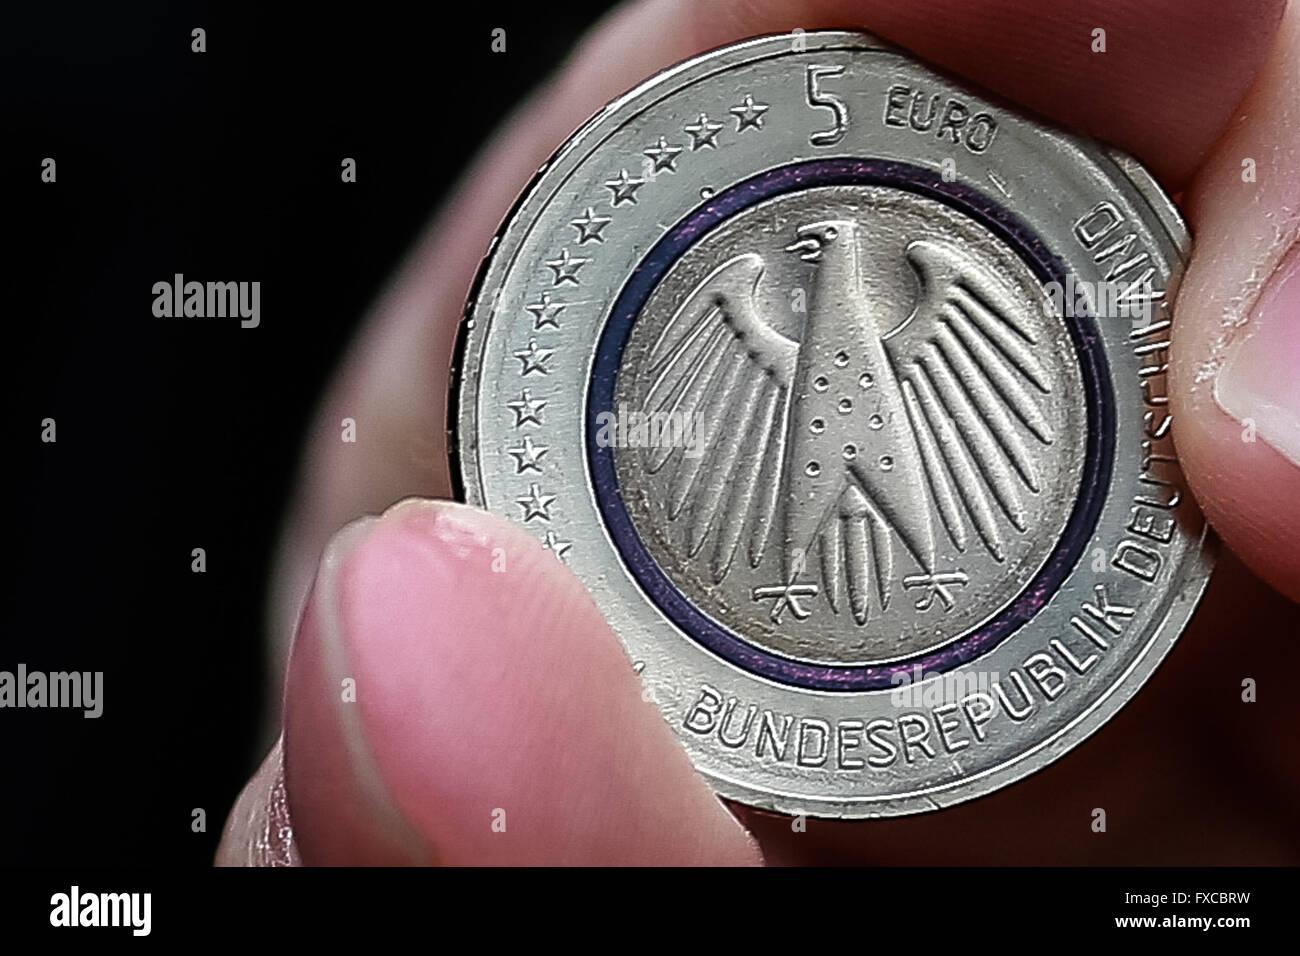 Berin Deutsche Zentralbank 14 April 2016 Ein Mann Zeigt Seine